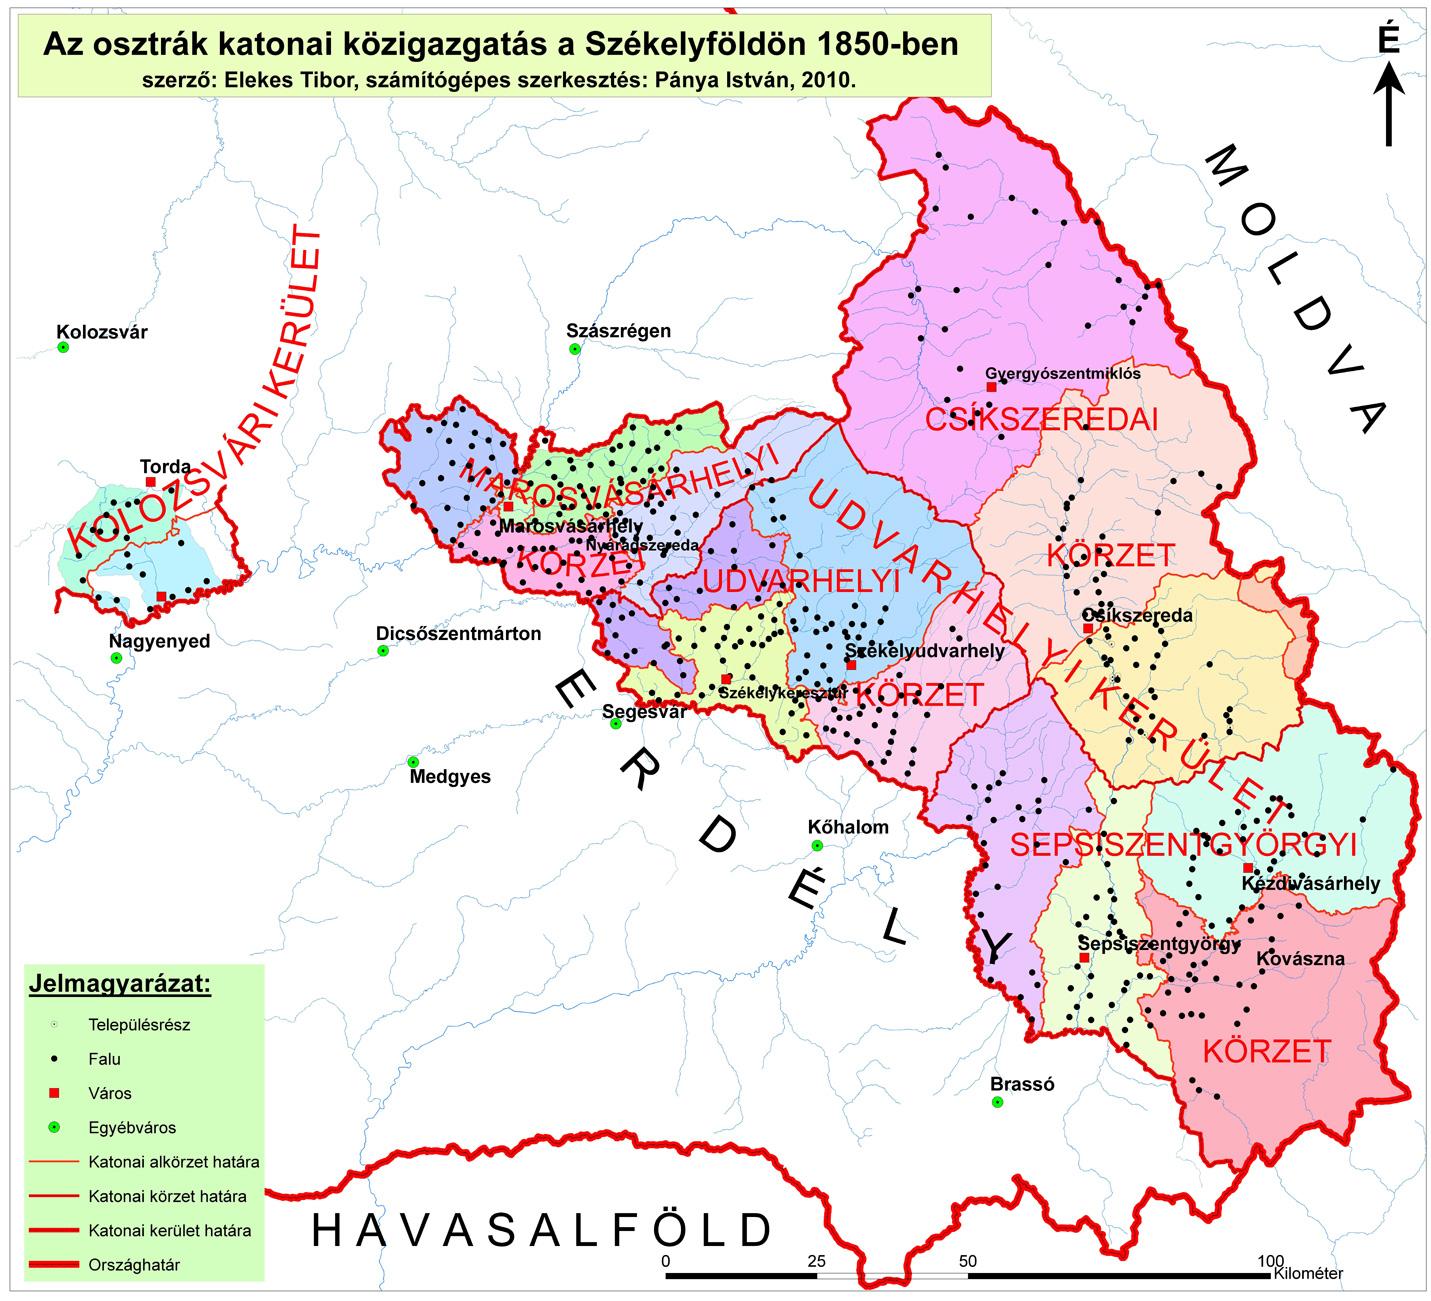 románia erdély térkép részletes Az erdélyi megyék közigazgatási határainak változása a középkortól  románia erdély térkép részletes